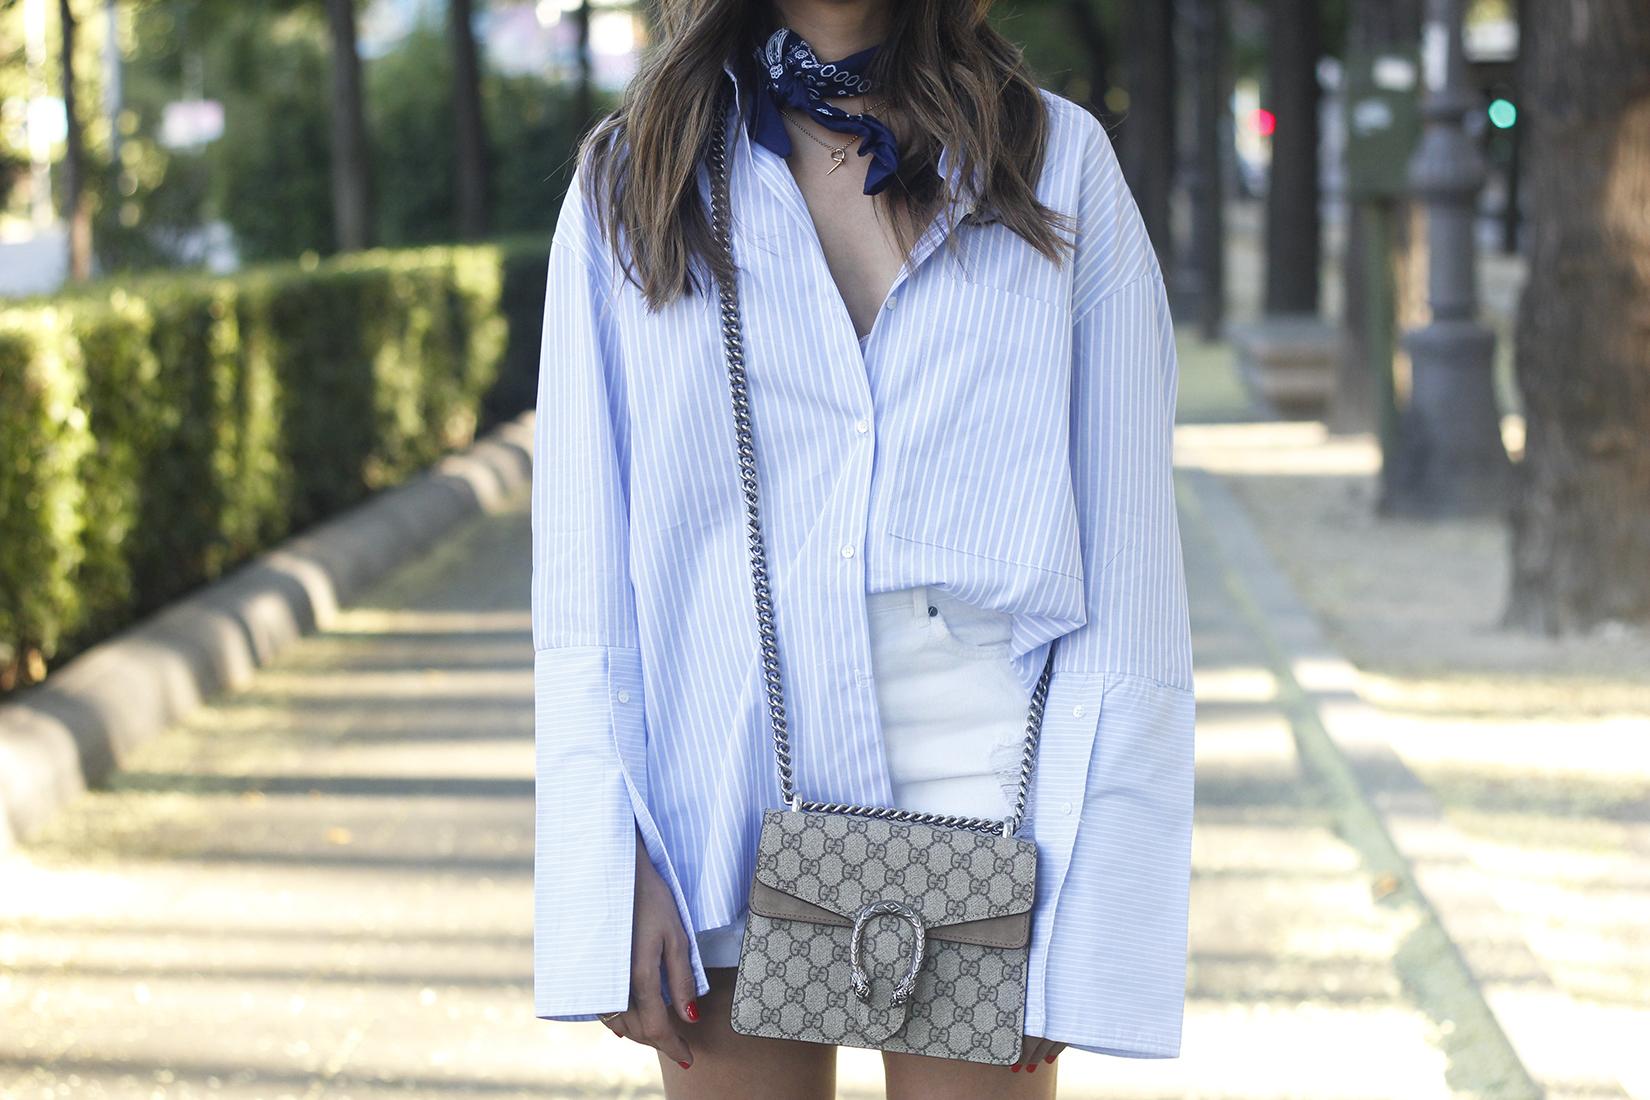 boyfriend striped shirt gucci bag so real dior sunnies denim shorts summer outfit07